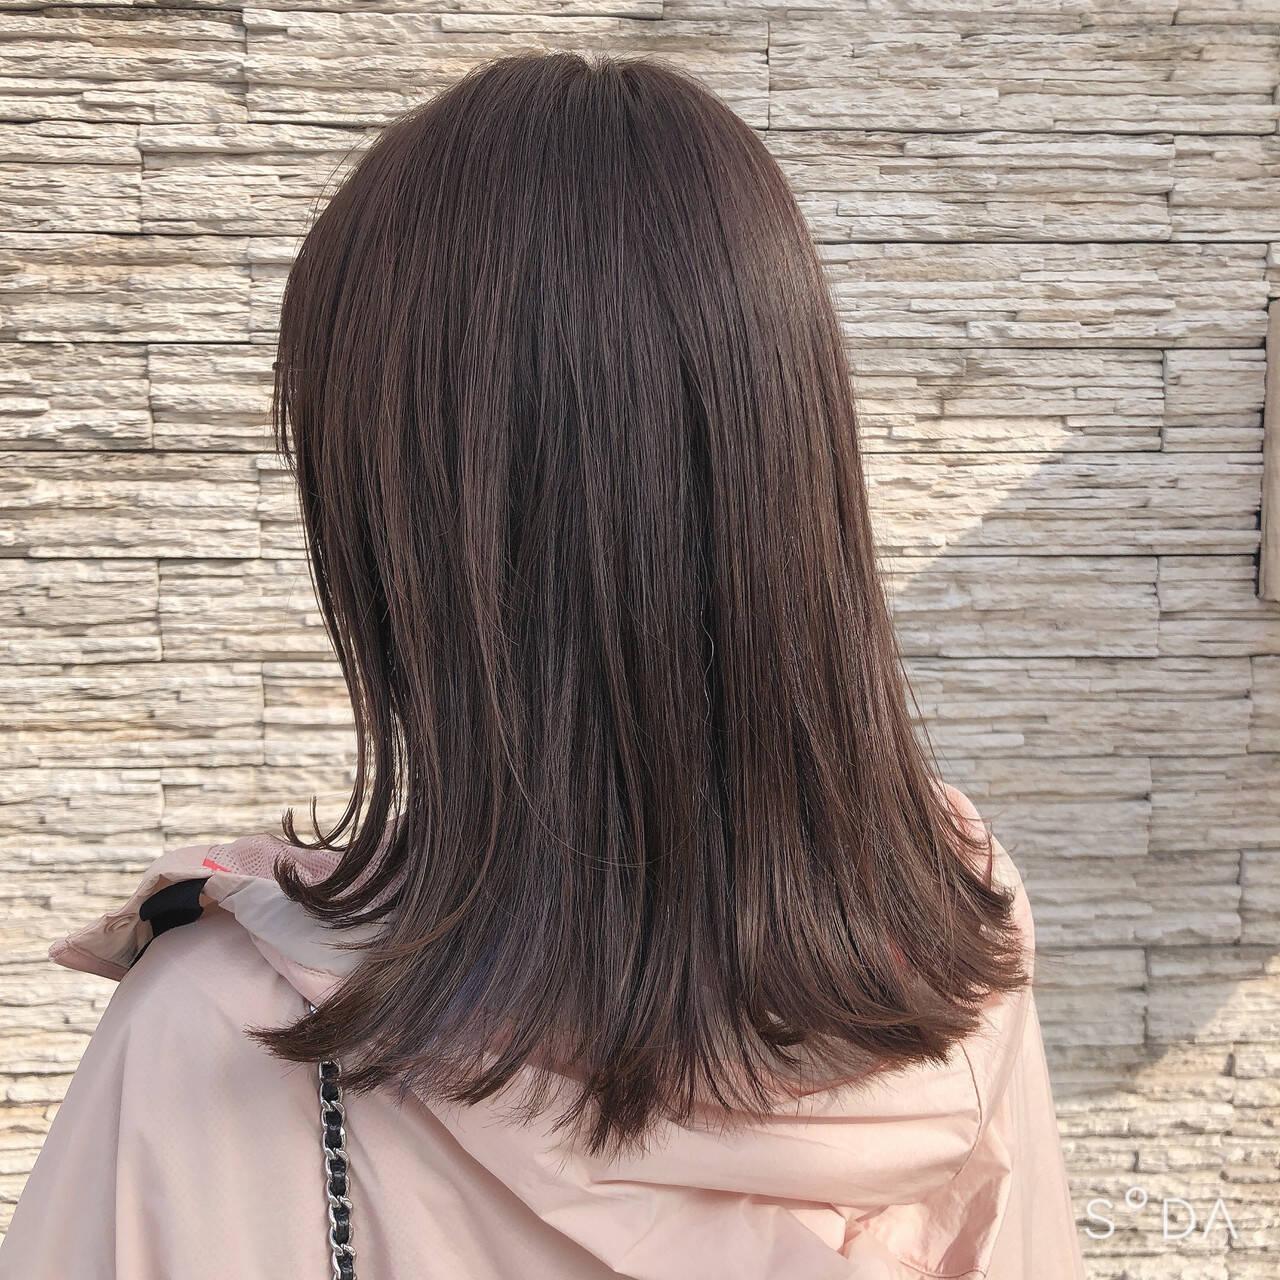 ナチュラル ハイライト 大人かわいい 切りっぱなしボブヘアスタイルや髪型の写真・画像